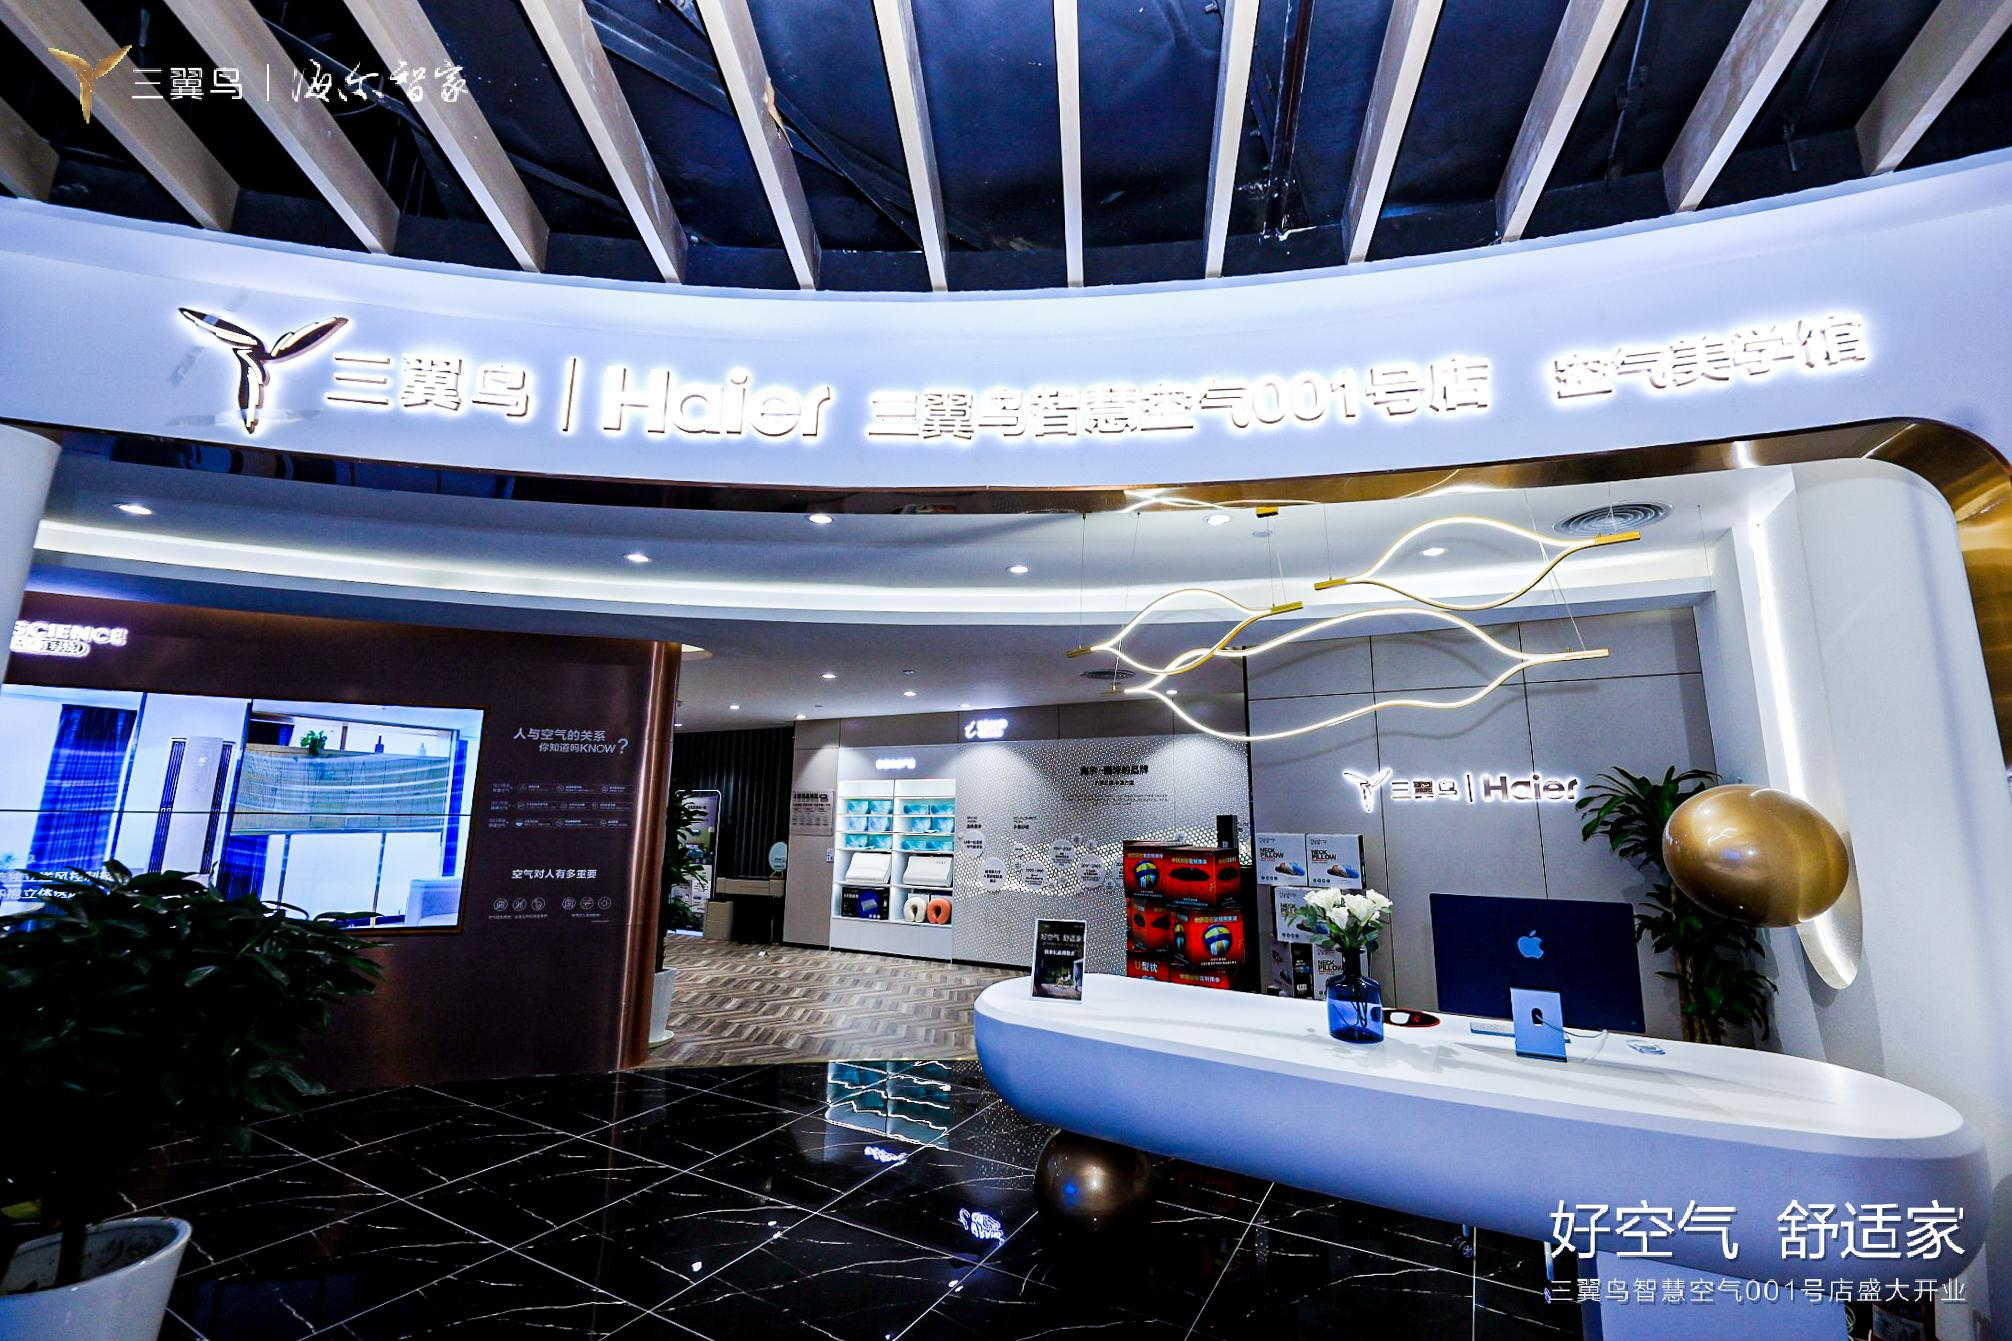 家里每个房间都能定制空气!青岛三翼鸟智慧空气001号店开业